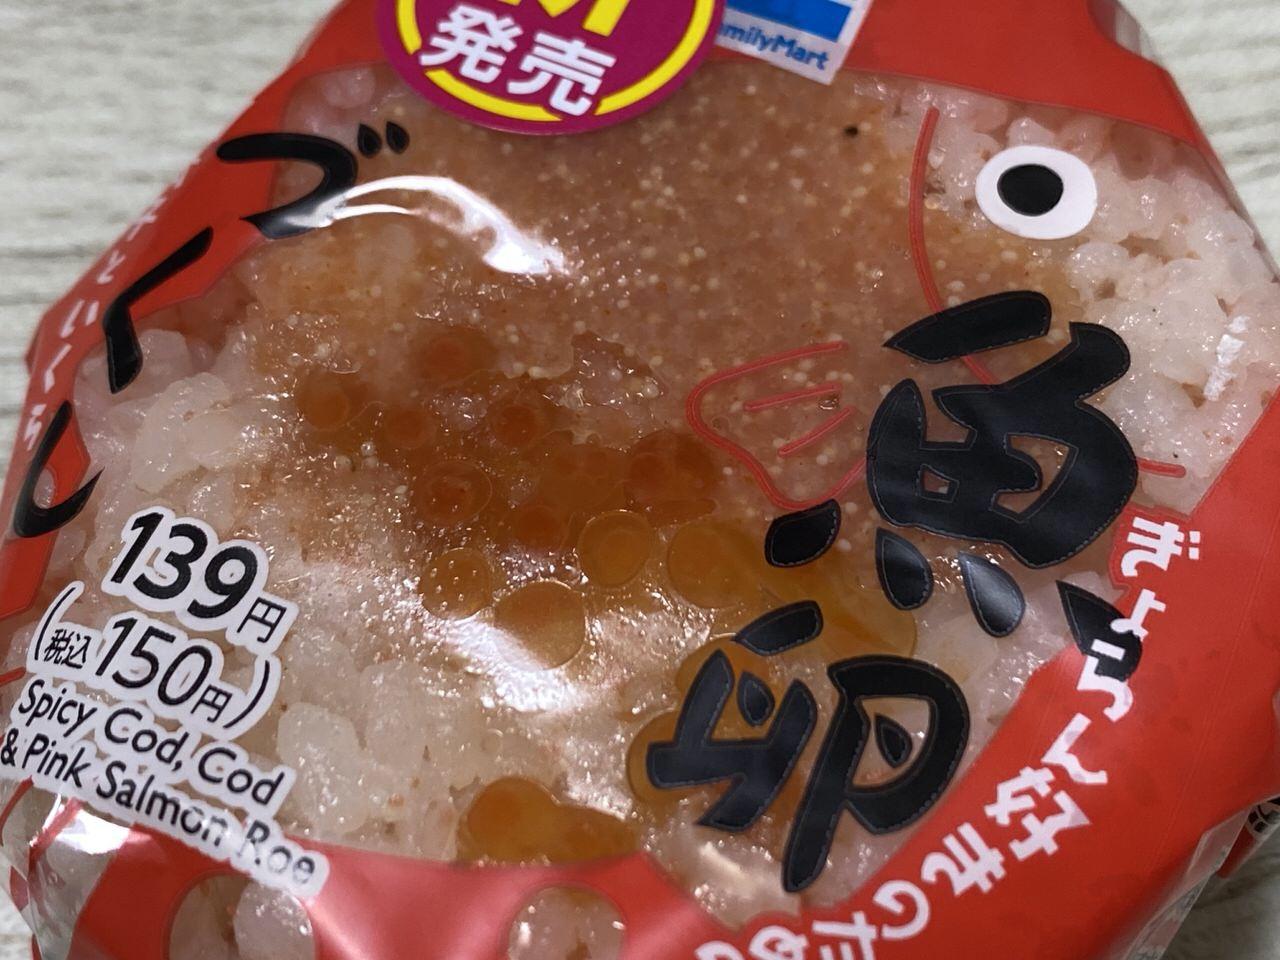 【ファミマ】魚卵たっぷり魚卵好きのための「魚卵づくしおむすび」